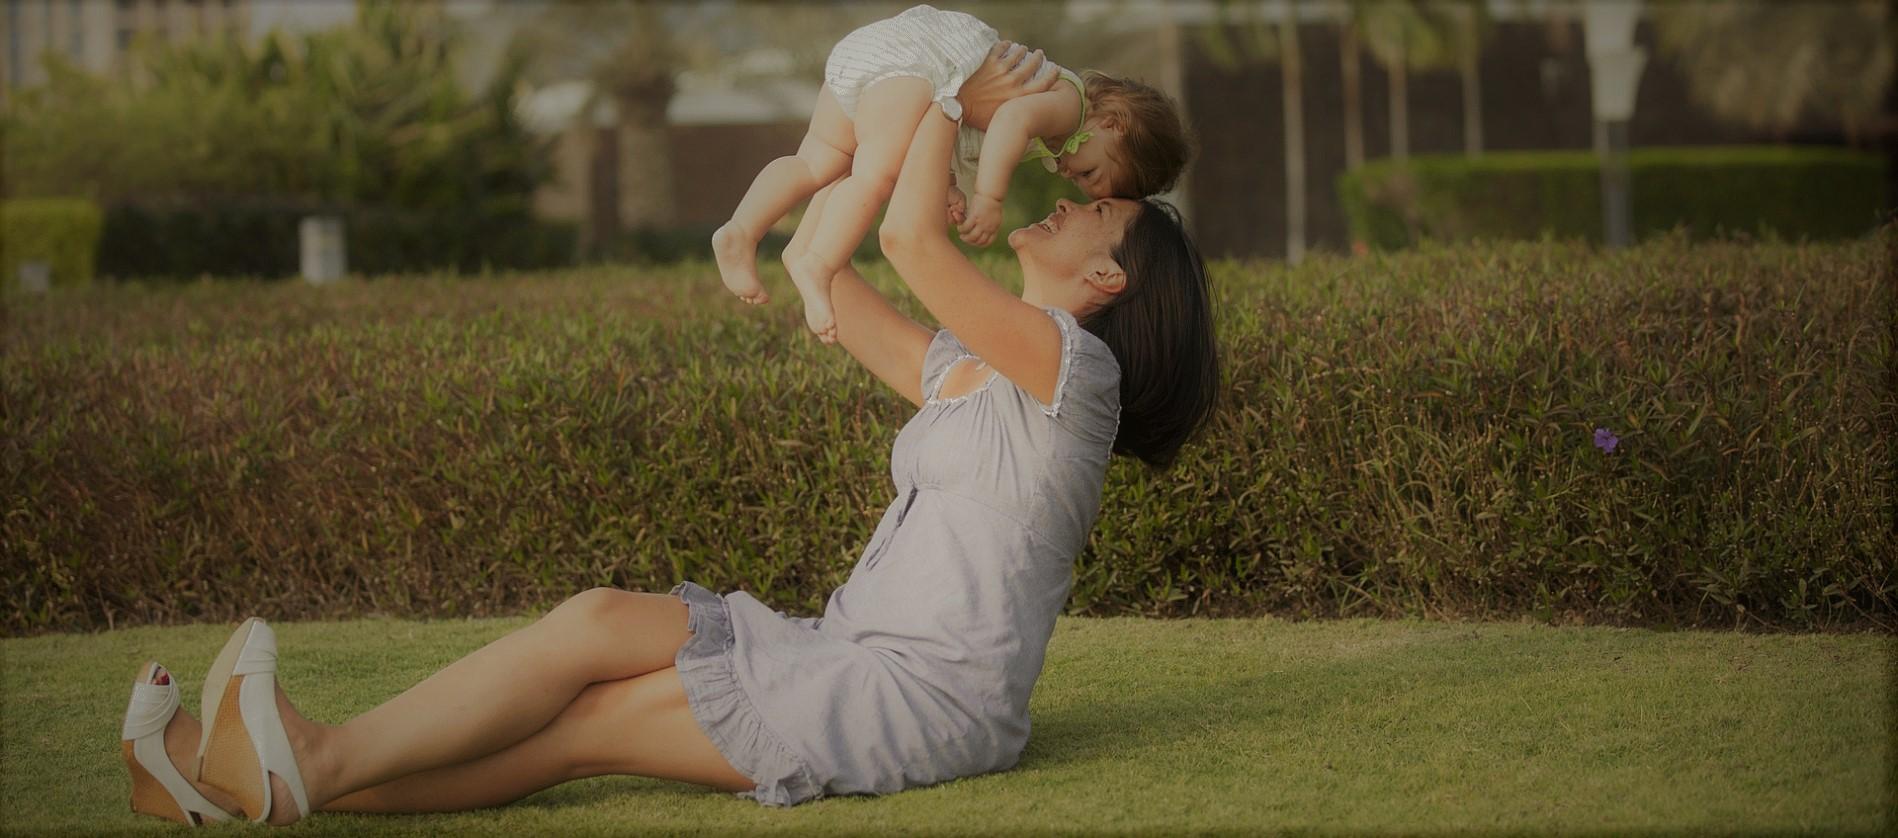 Retrouver de l énergie après l accouchement, possible ?